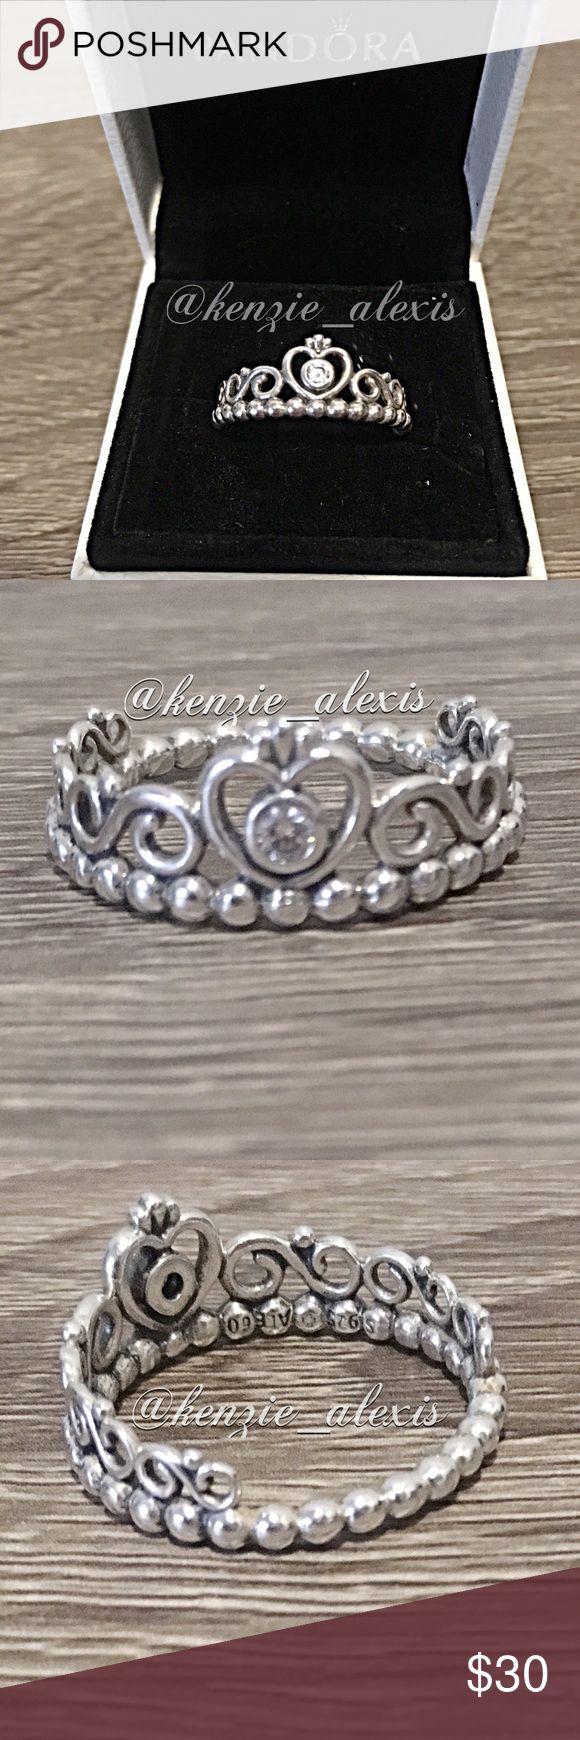 25 beste idee 235 n pandora princess ring price op